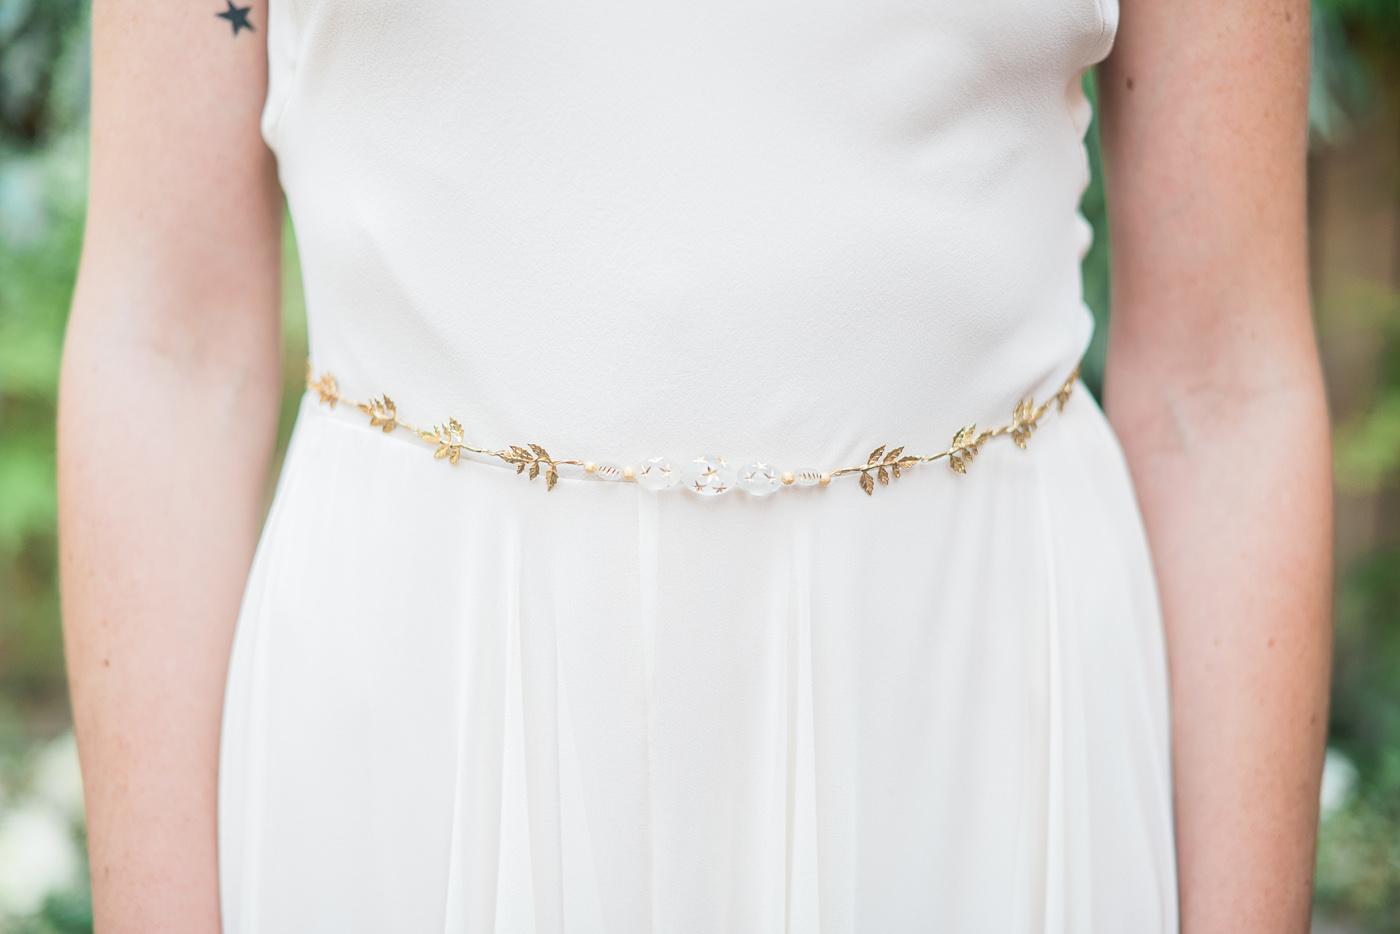 gold leaf wedding belt hushed commotion